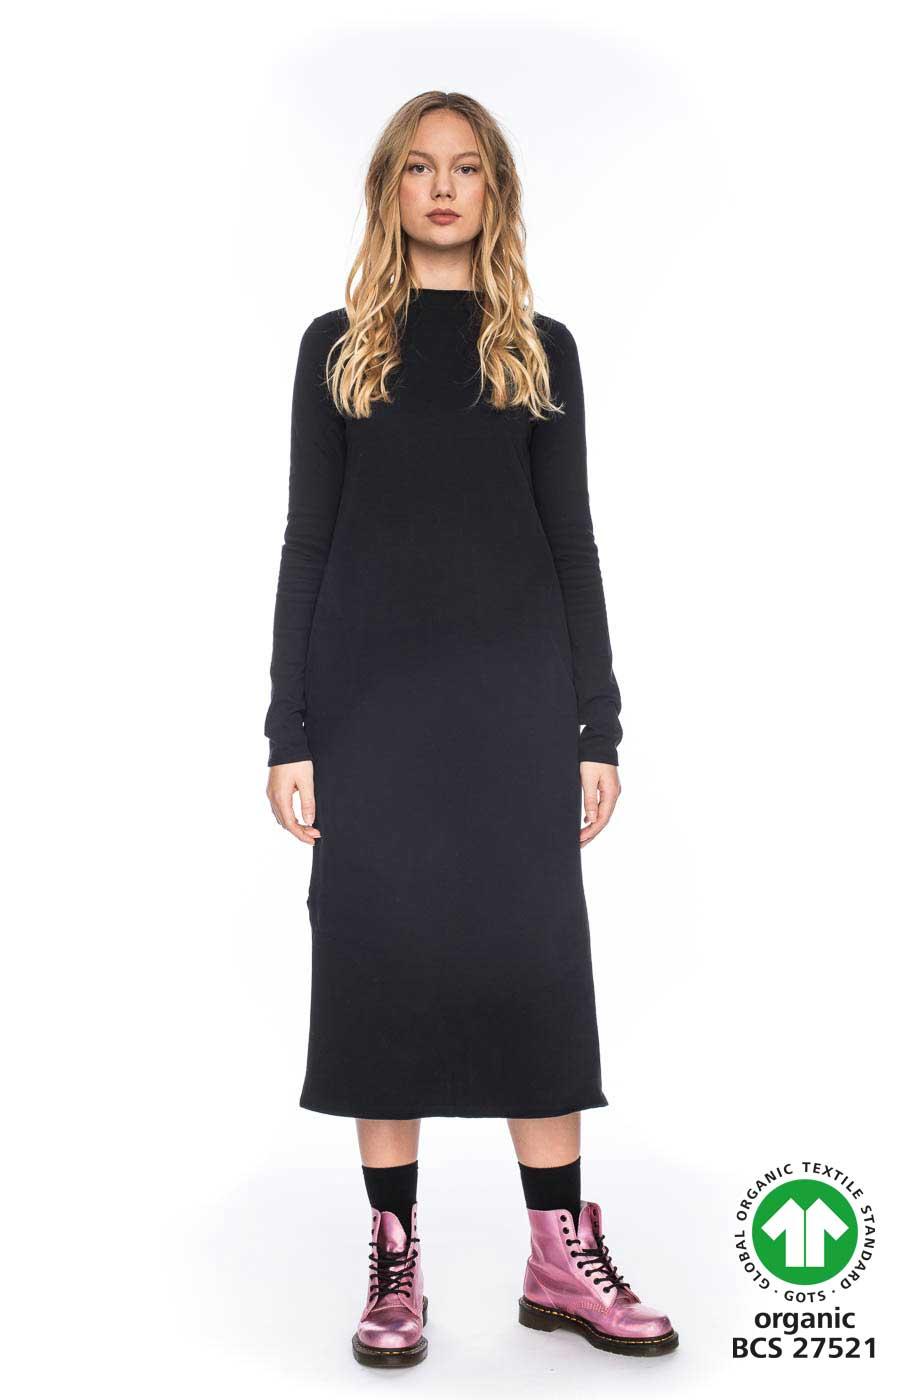 Frau trägt samtig schwarzes Kleid von ATO BERLIN (MAAIKE) in Midi-Länge aus Biobaumwolle mit hohem Rundhals-Ausschnitt und seitlichen Eingriffstaschen. Bewegungsfreiheit durch geraden Schnitt und seitliche Schlitze. GOTS zertifiziert, hergestellt in Portugal. / pussyGALORE / Leipzig